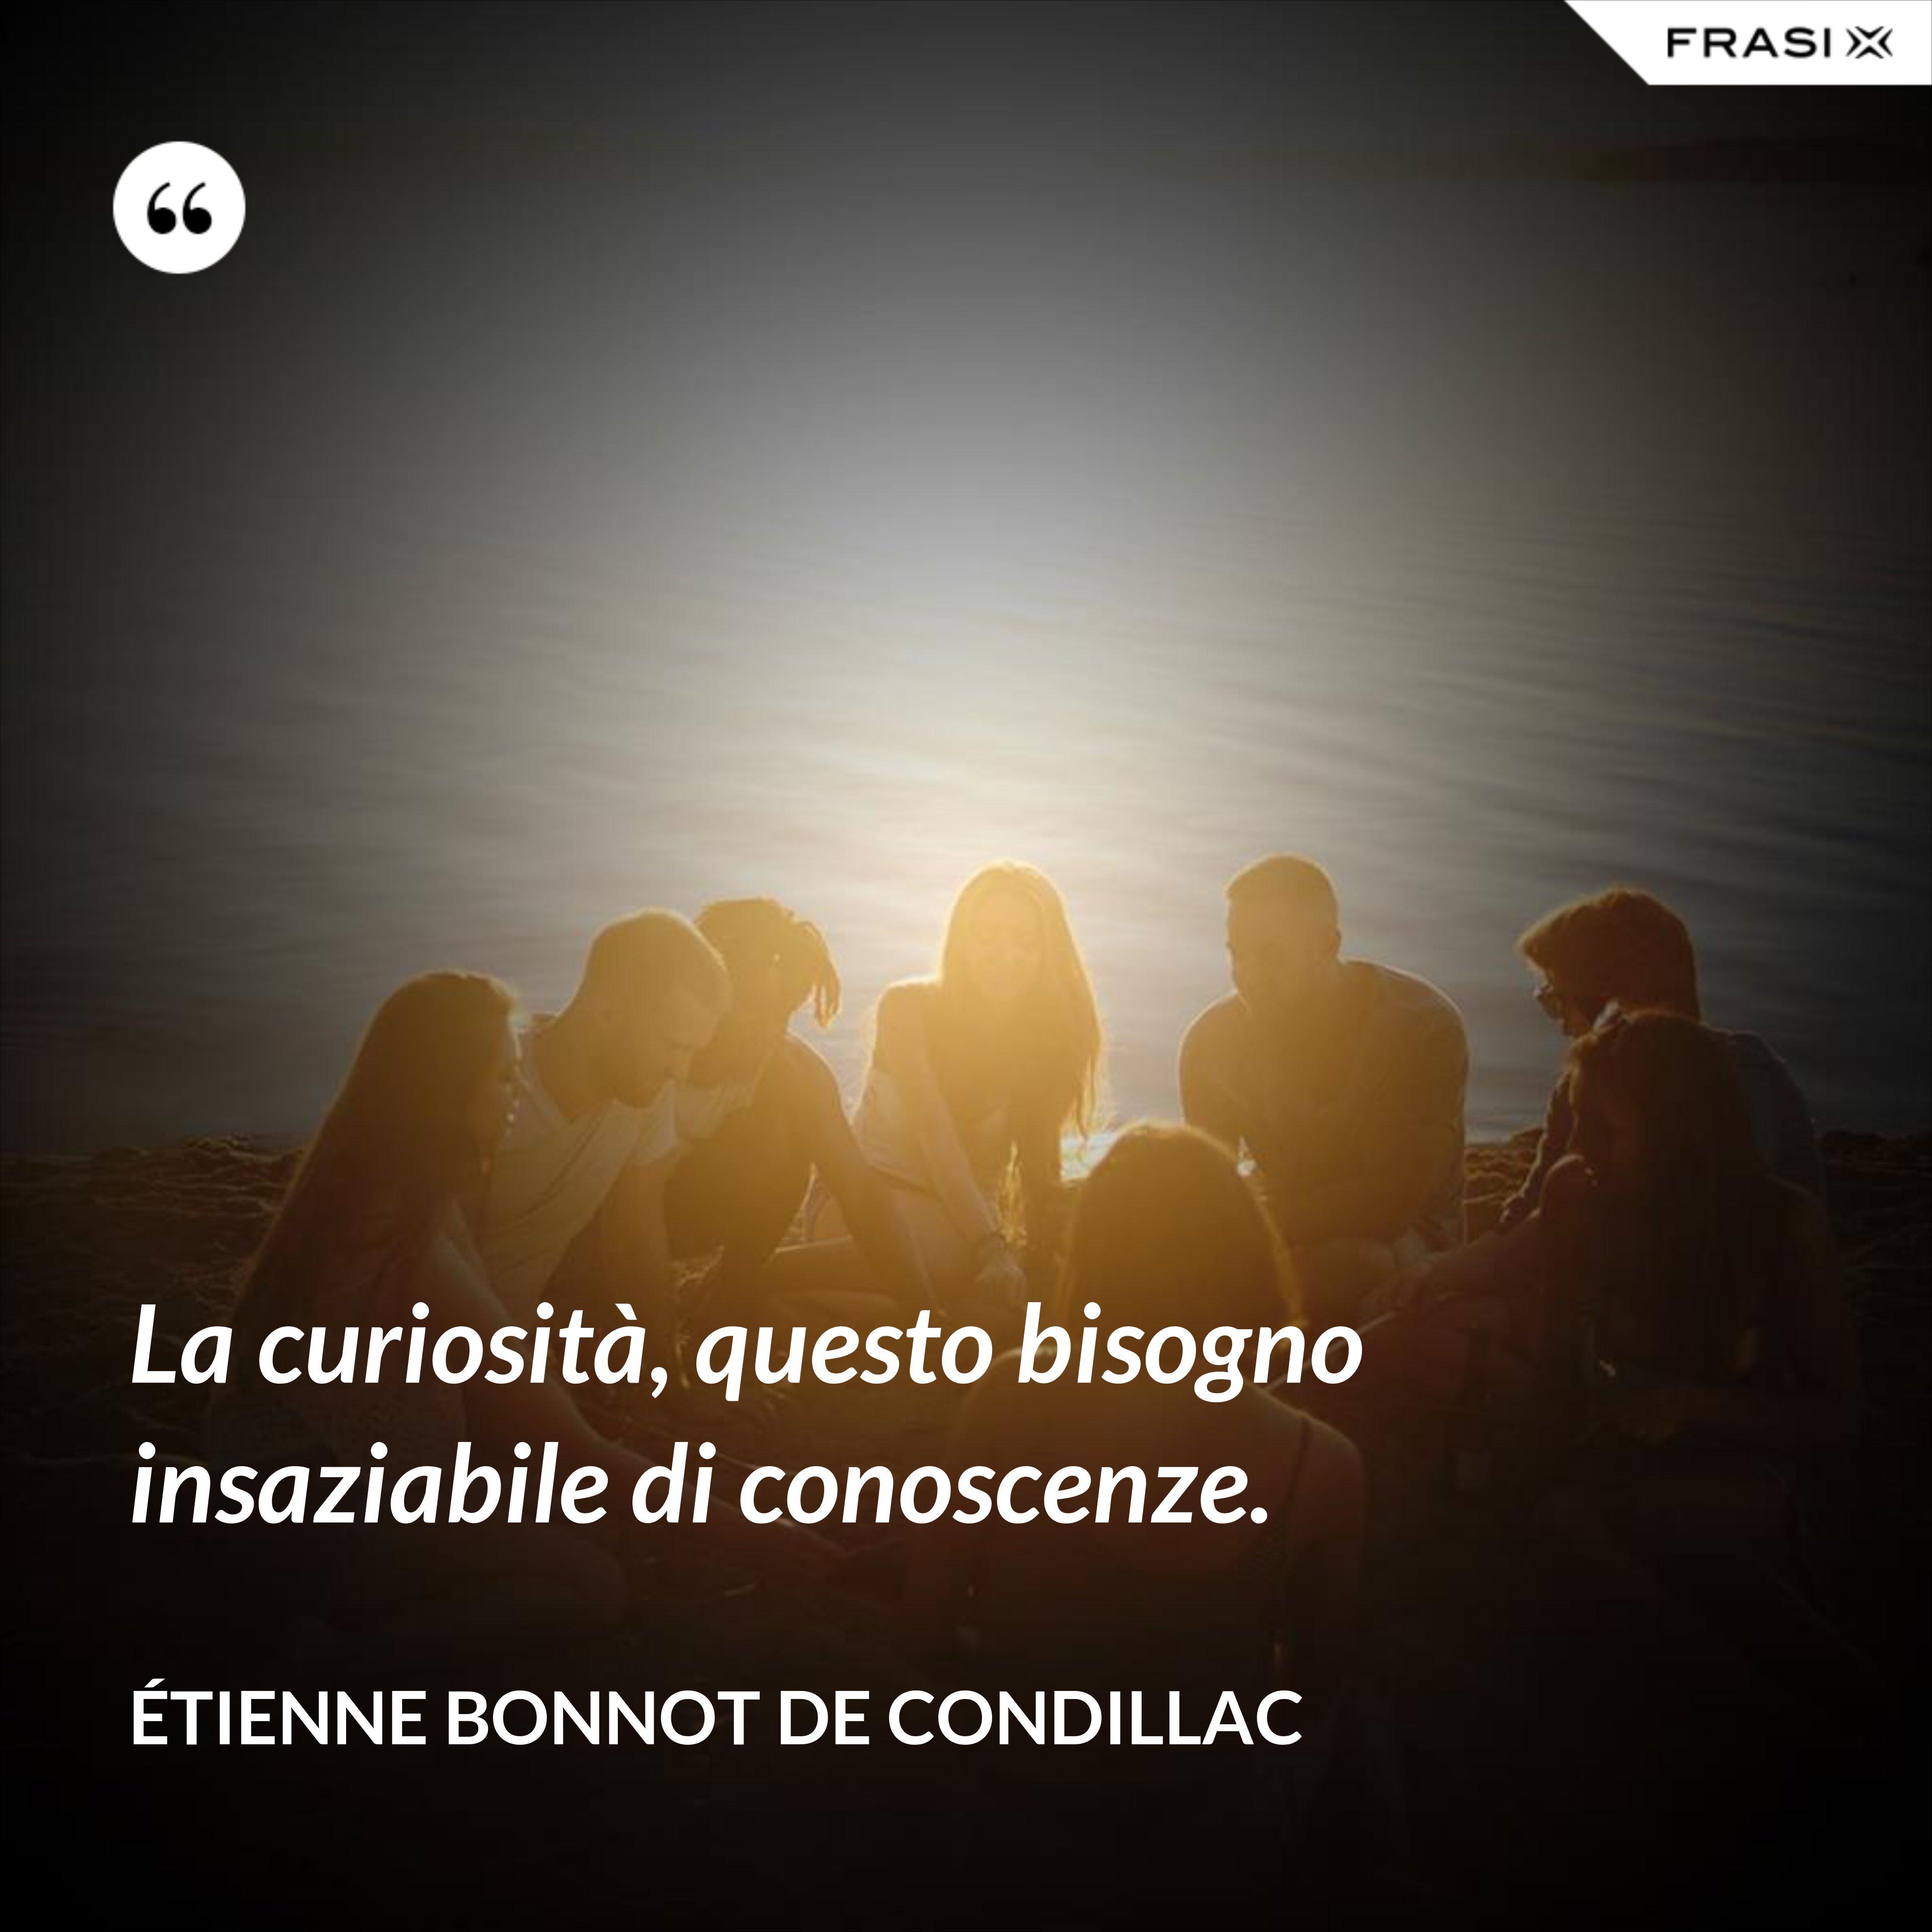 La curiosità, questo bisogno insaziabile di conoscenze. - Étienne Bonnot de Condillac